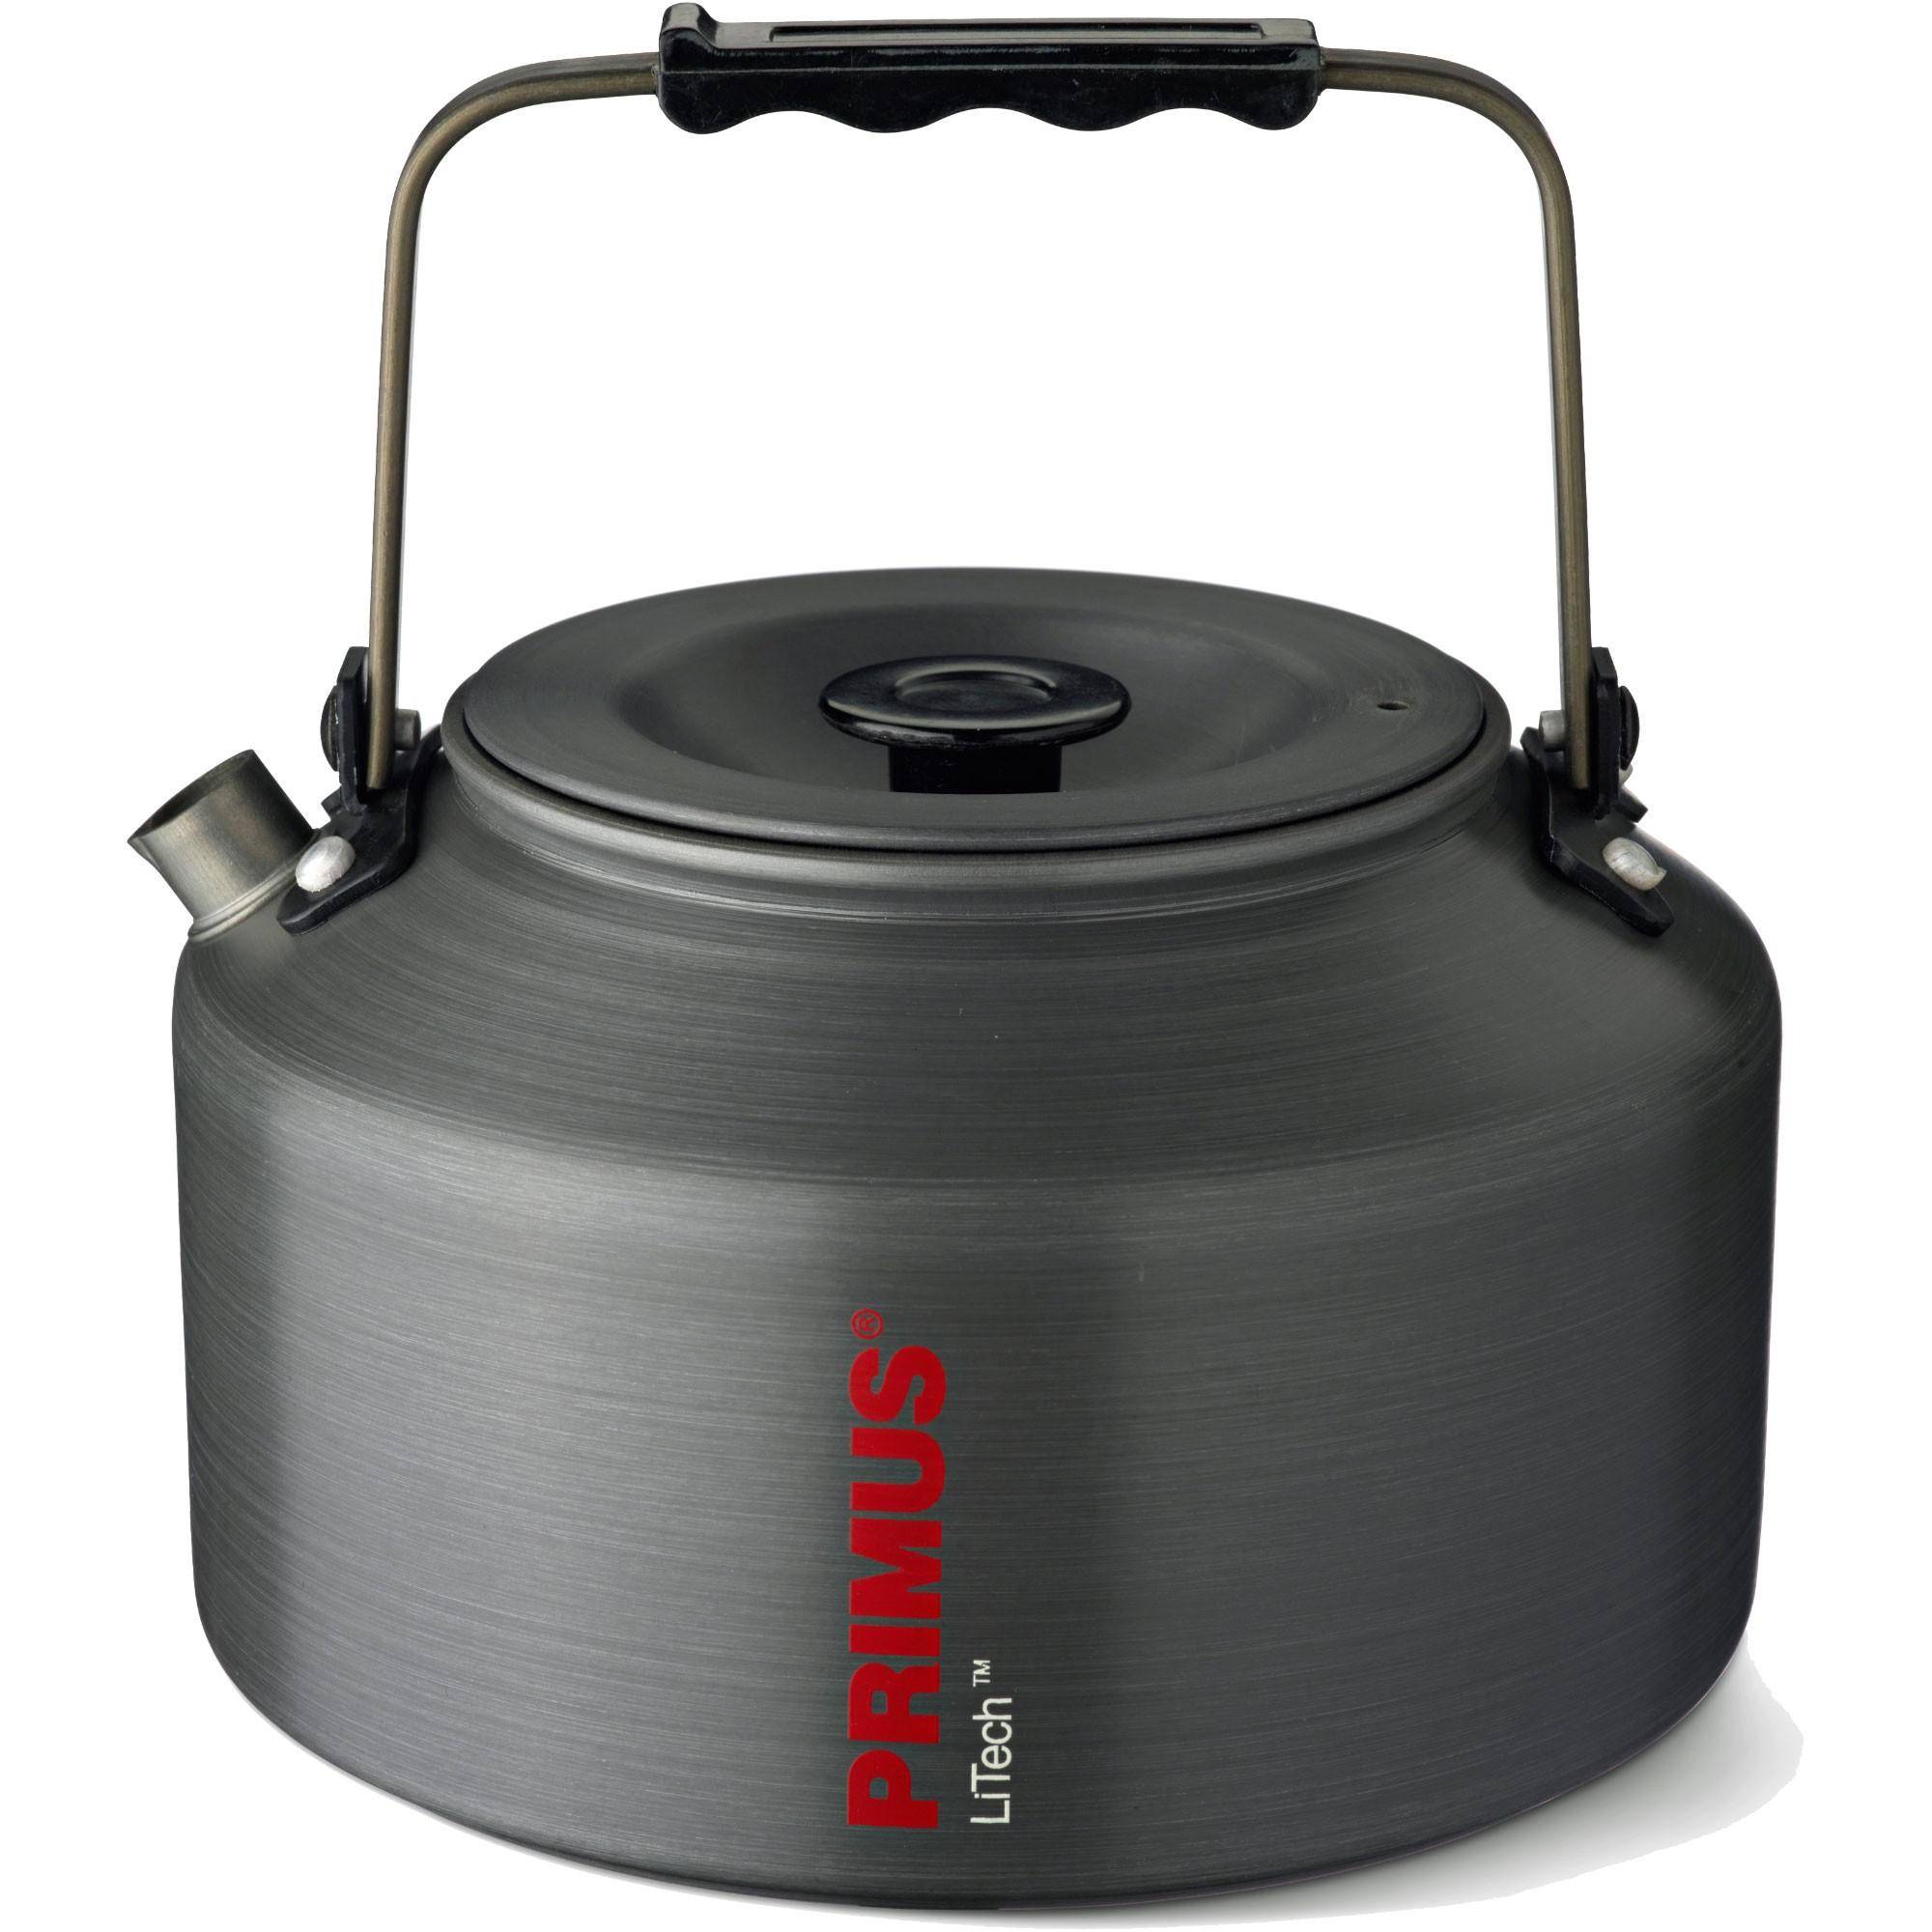 Primus LiTech Tea Kettle 1.5L